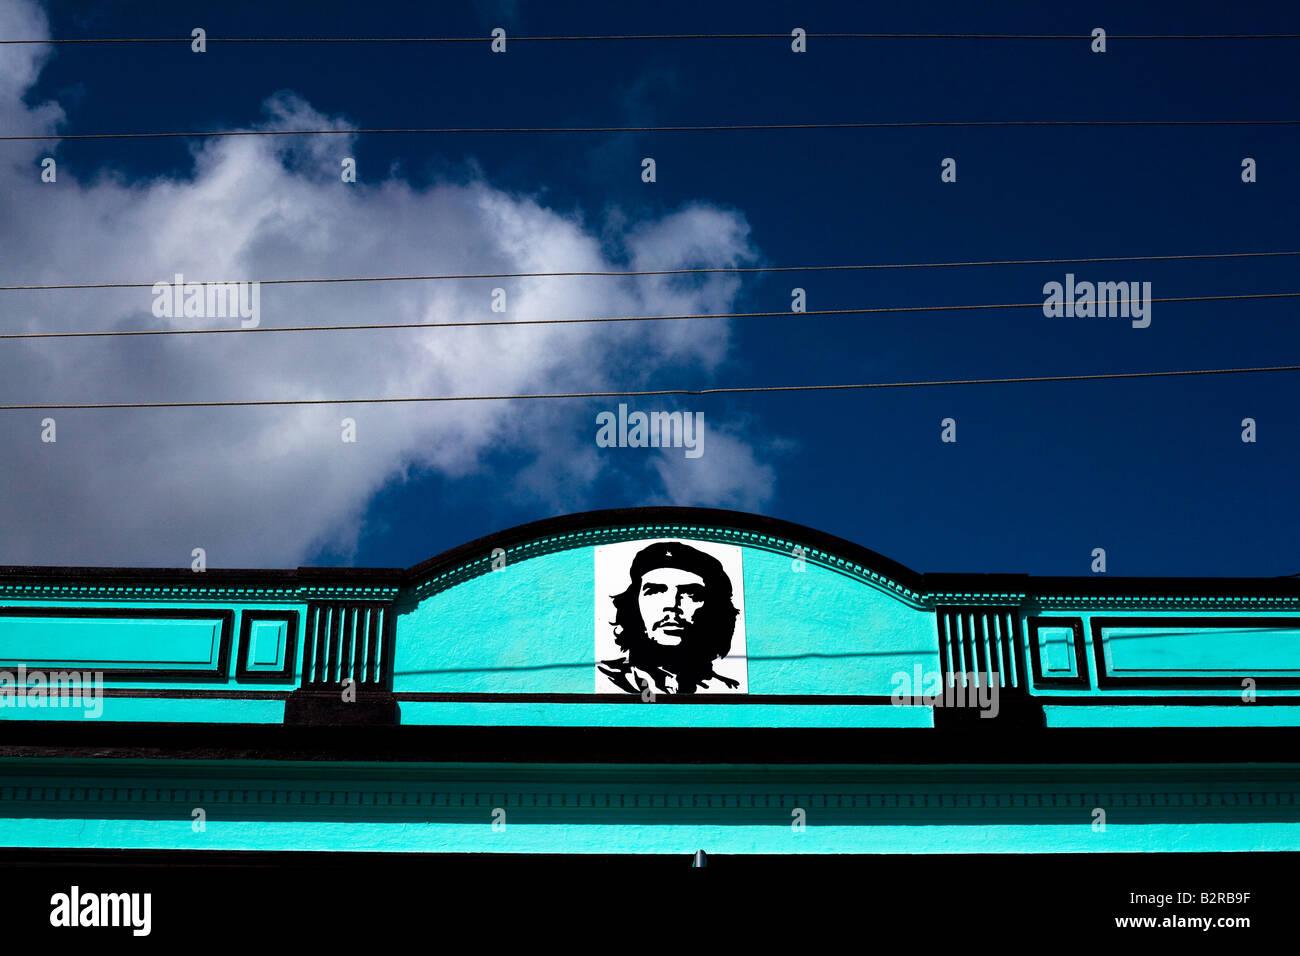 Ein leuchtend blaues Gebäude geschmückt mit einem Bild von Ernesto Che Guevara in Baracoa, Kuba Stockbild